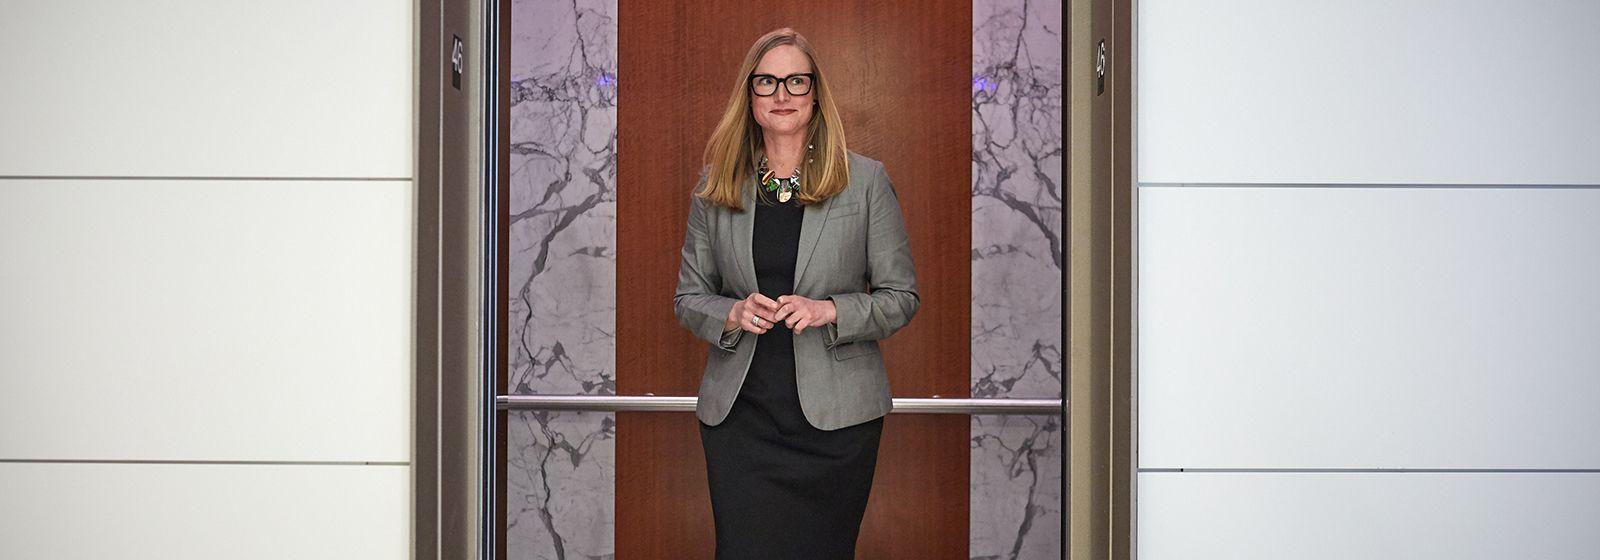 6 women in leadership at Duke Energy share career advice